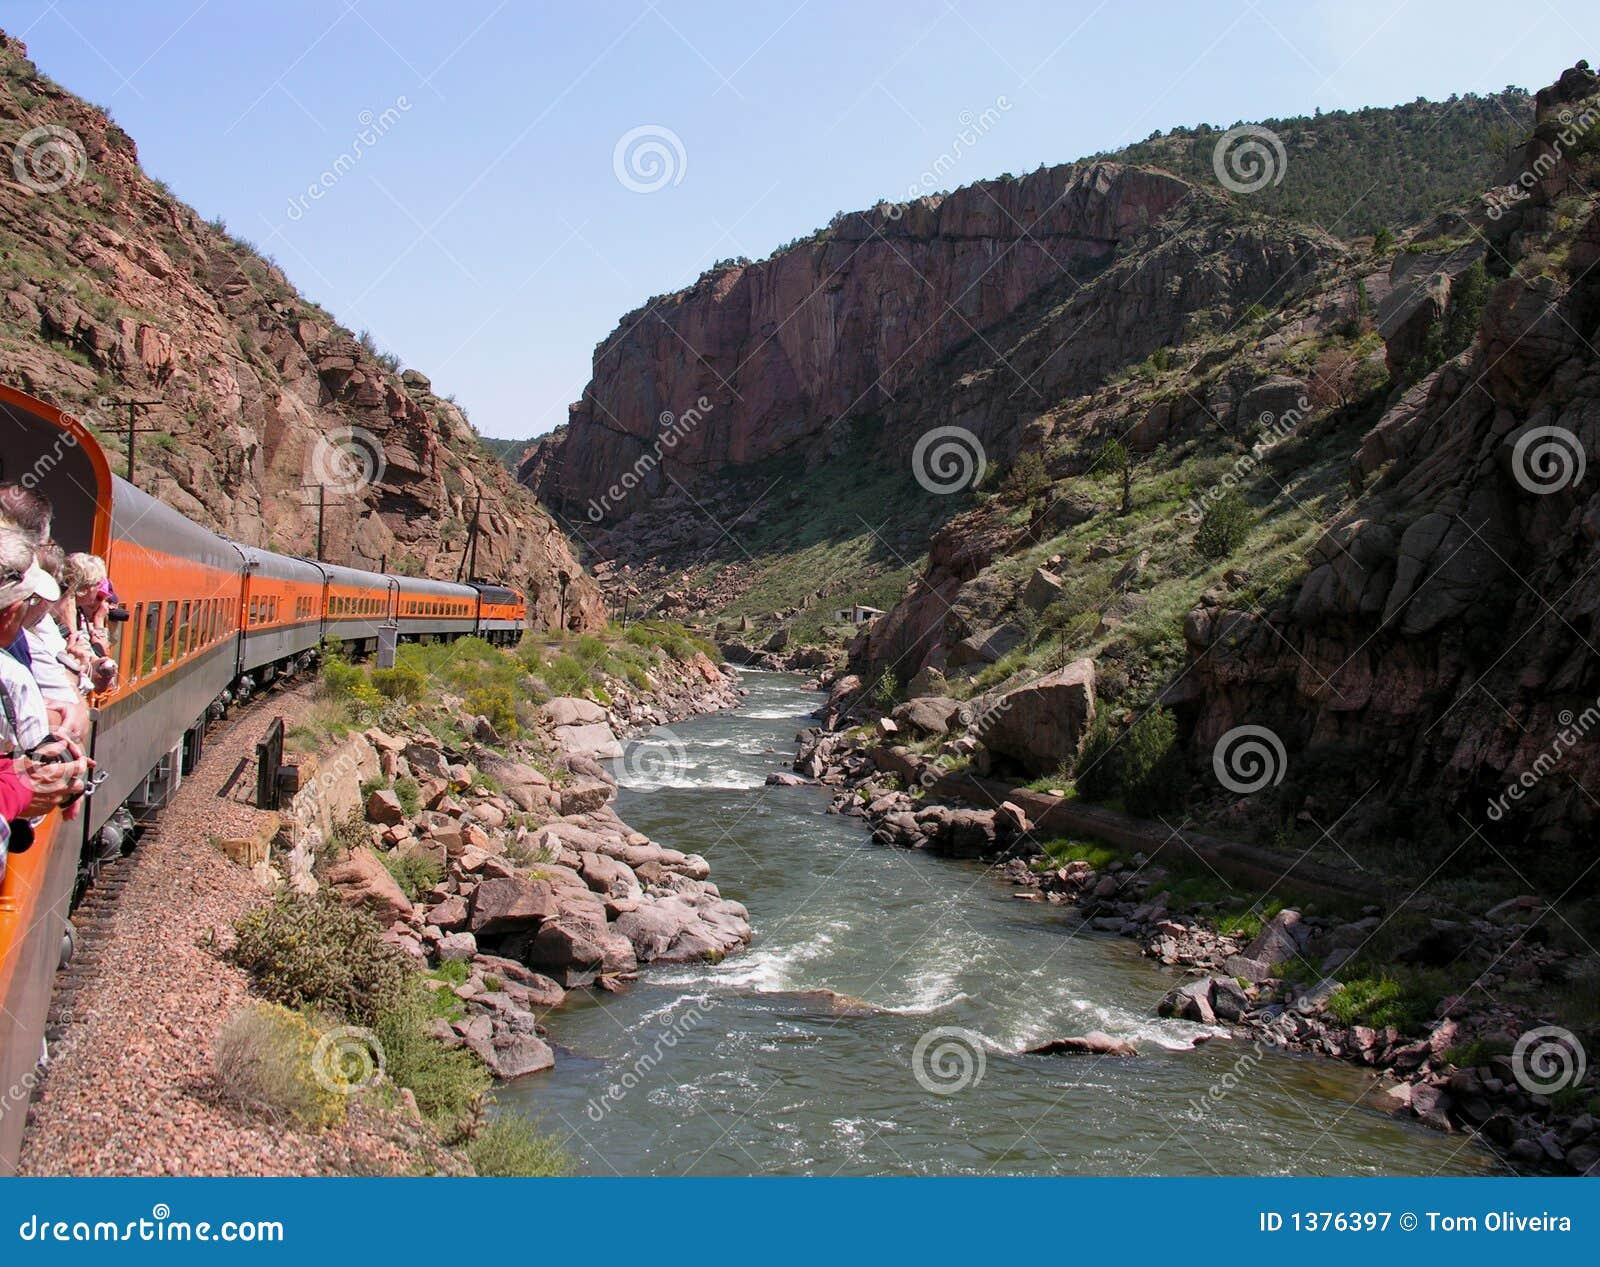 Toerist op trein